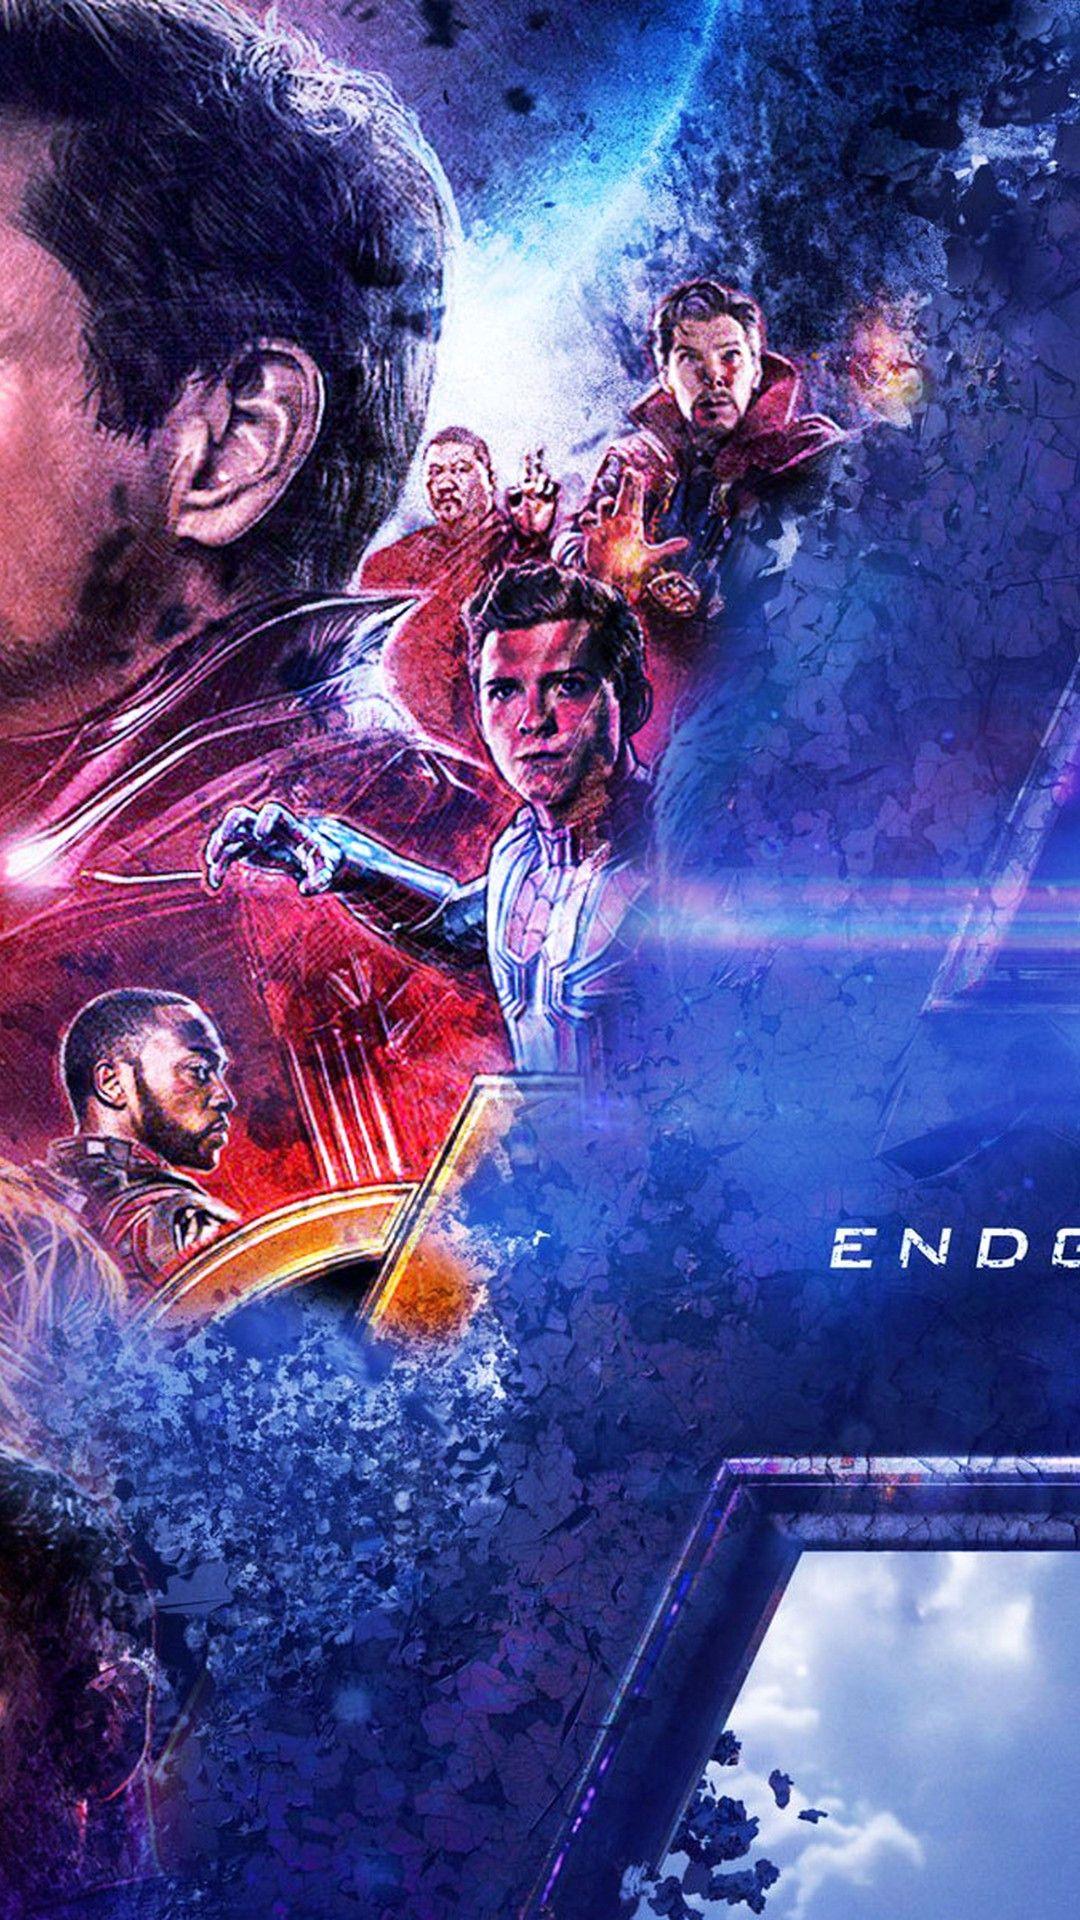 Lovely Avengers Endgame Hd Wallpaper For Mobile Play